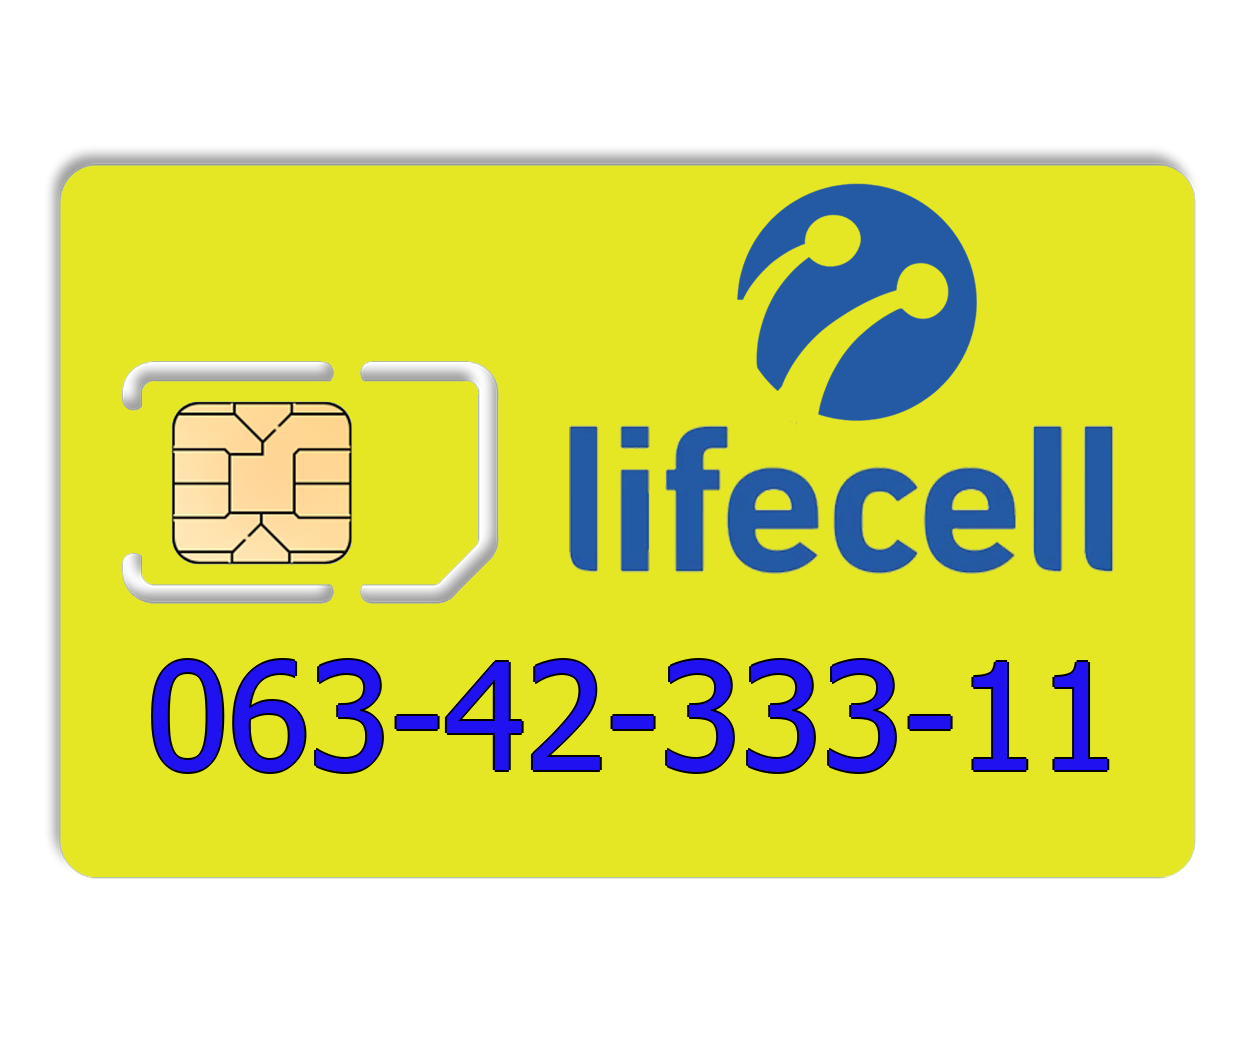 Красивый номер lifecell 063-42-333-11